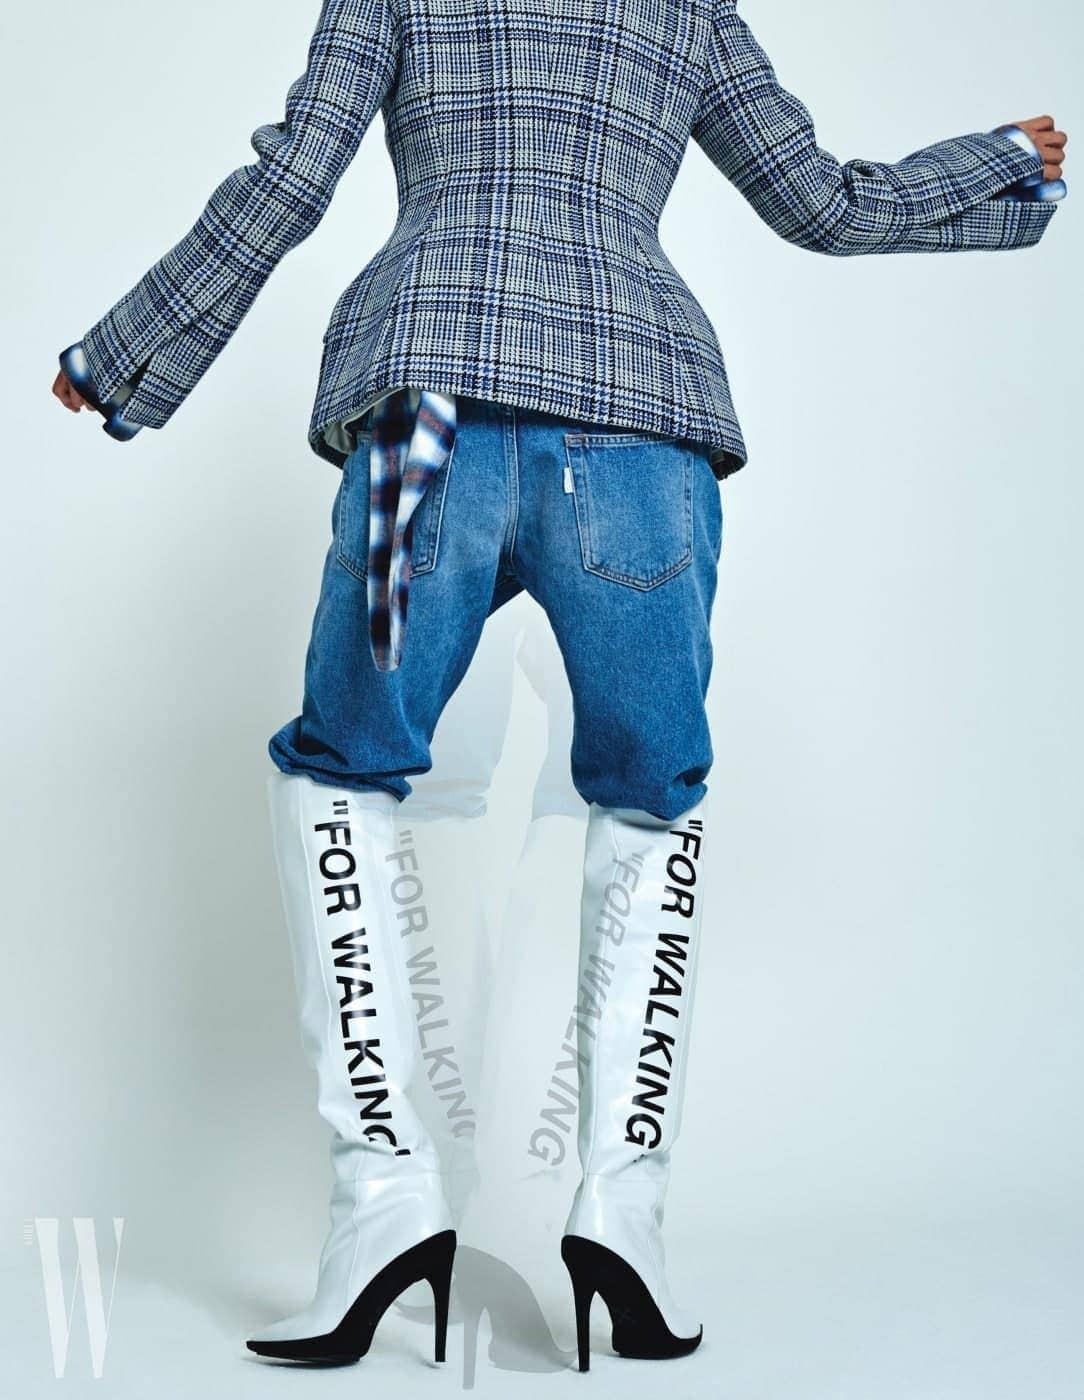 허리가 잘록한 체크 재킷은 1백91만원, 안에 입은 체크 셔츠는 1백12만5천원, 레터링 프린트 사이하이 부츠는 2백63만5천원, 데님 팬츠는 78만원. 모두 오프화이트 제품.